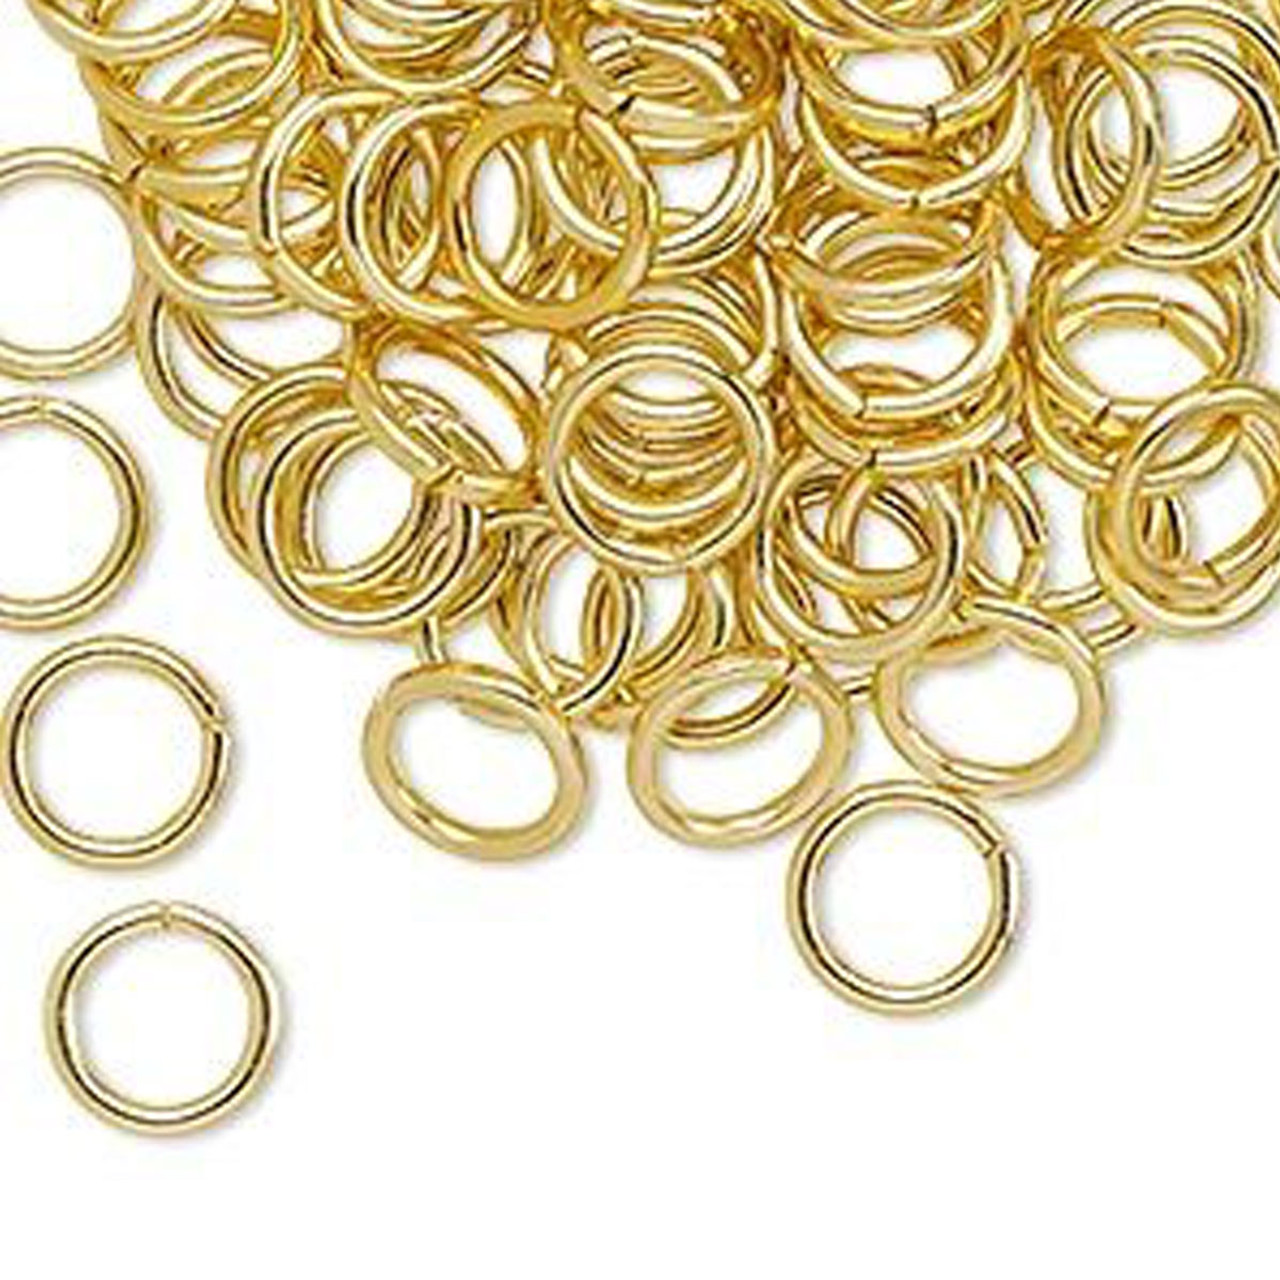 Aluminium Jump Rings - 8mm Gold - 100pcs